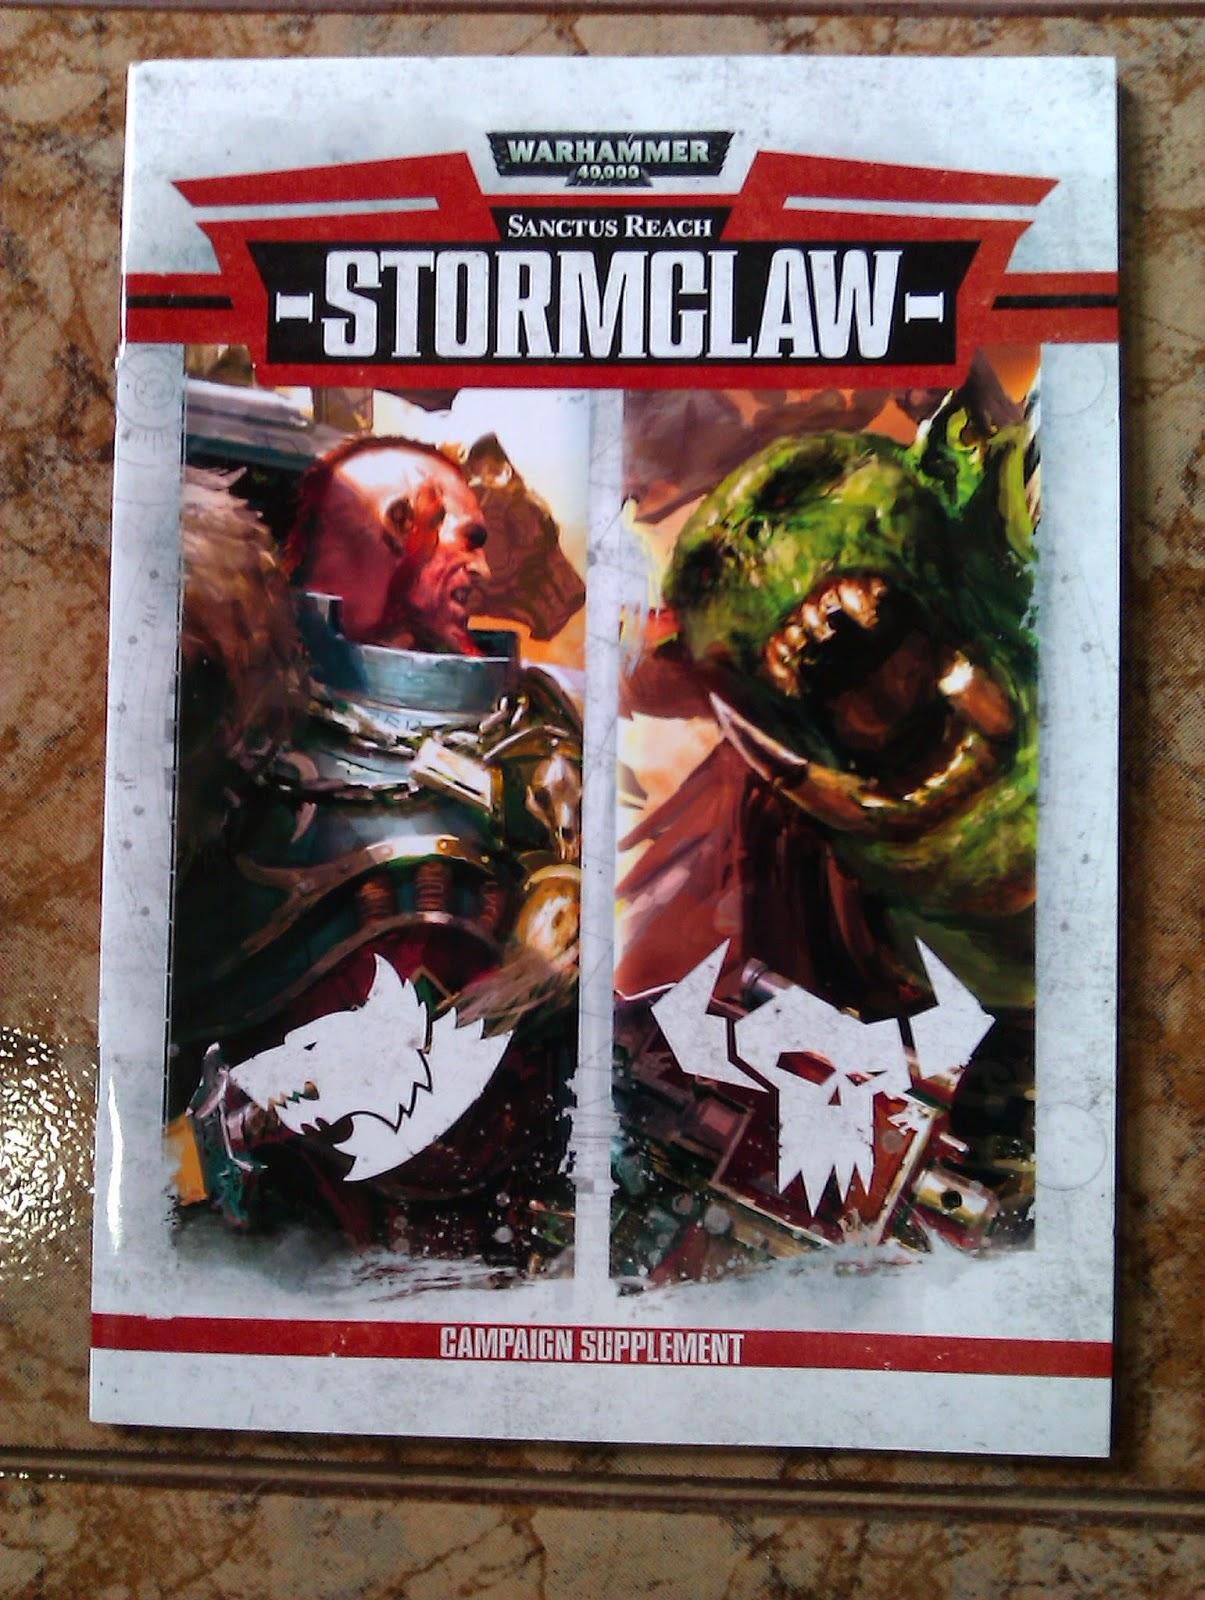 La caja de Stormclaw constituye la segunda parte de la campaña de Sanctus Reach